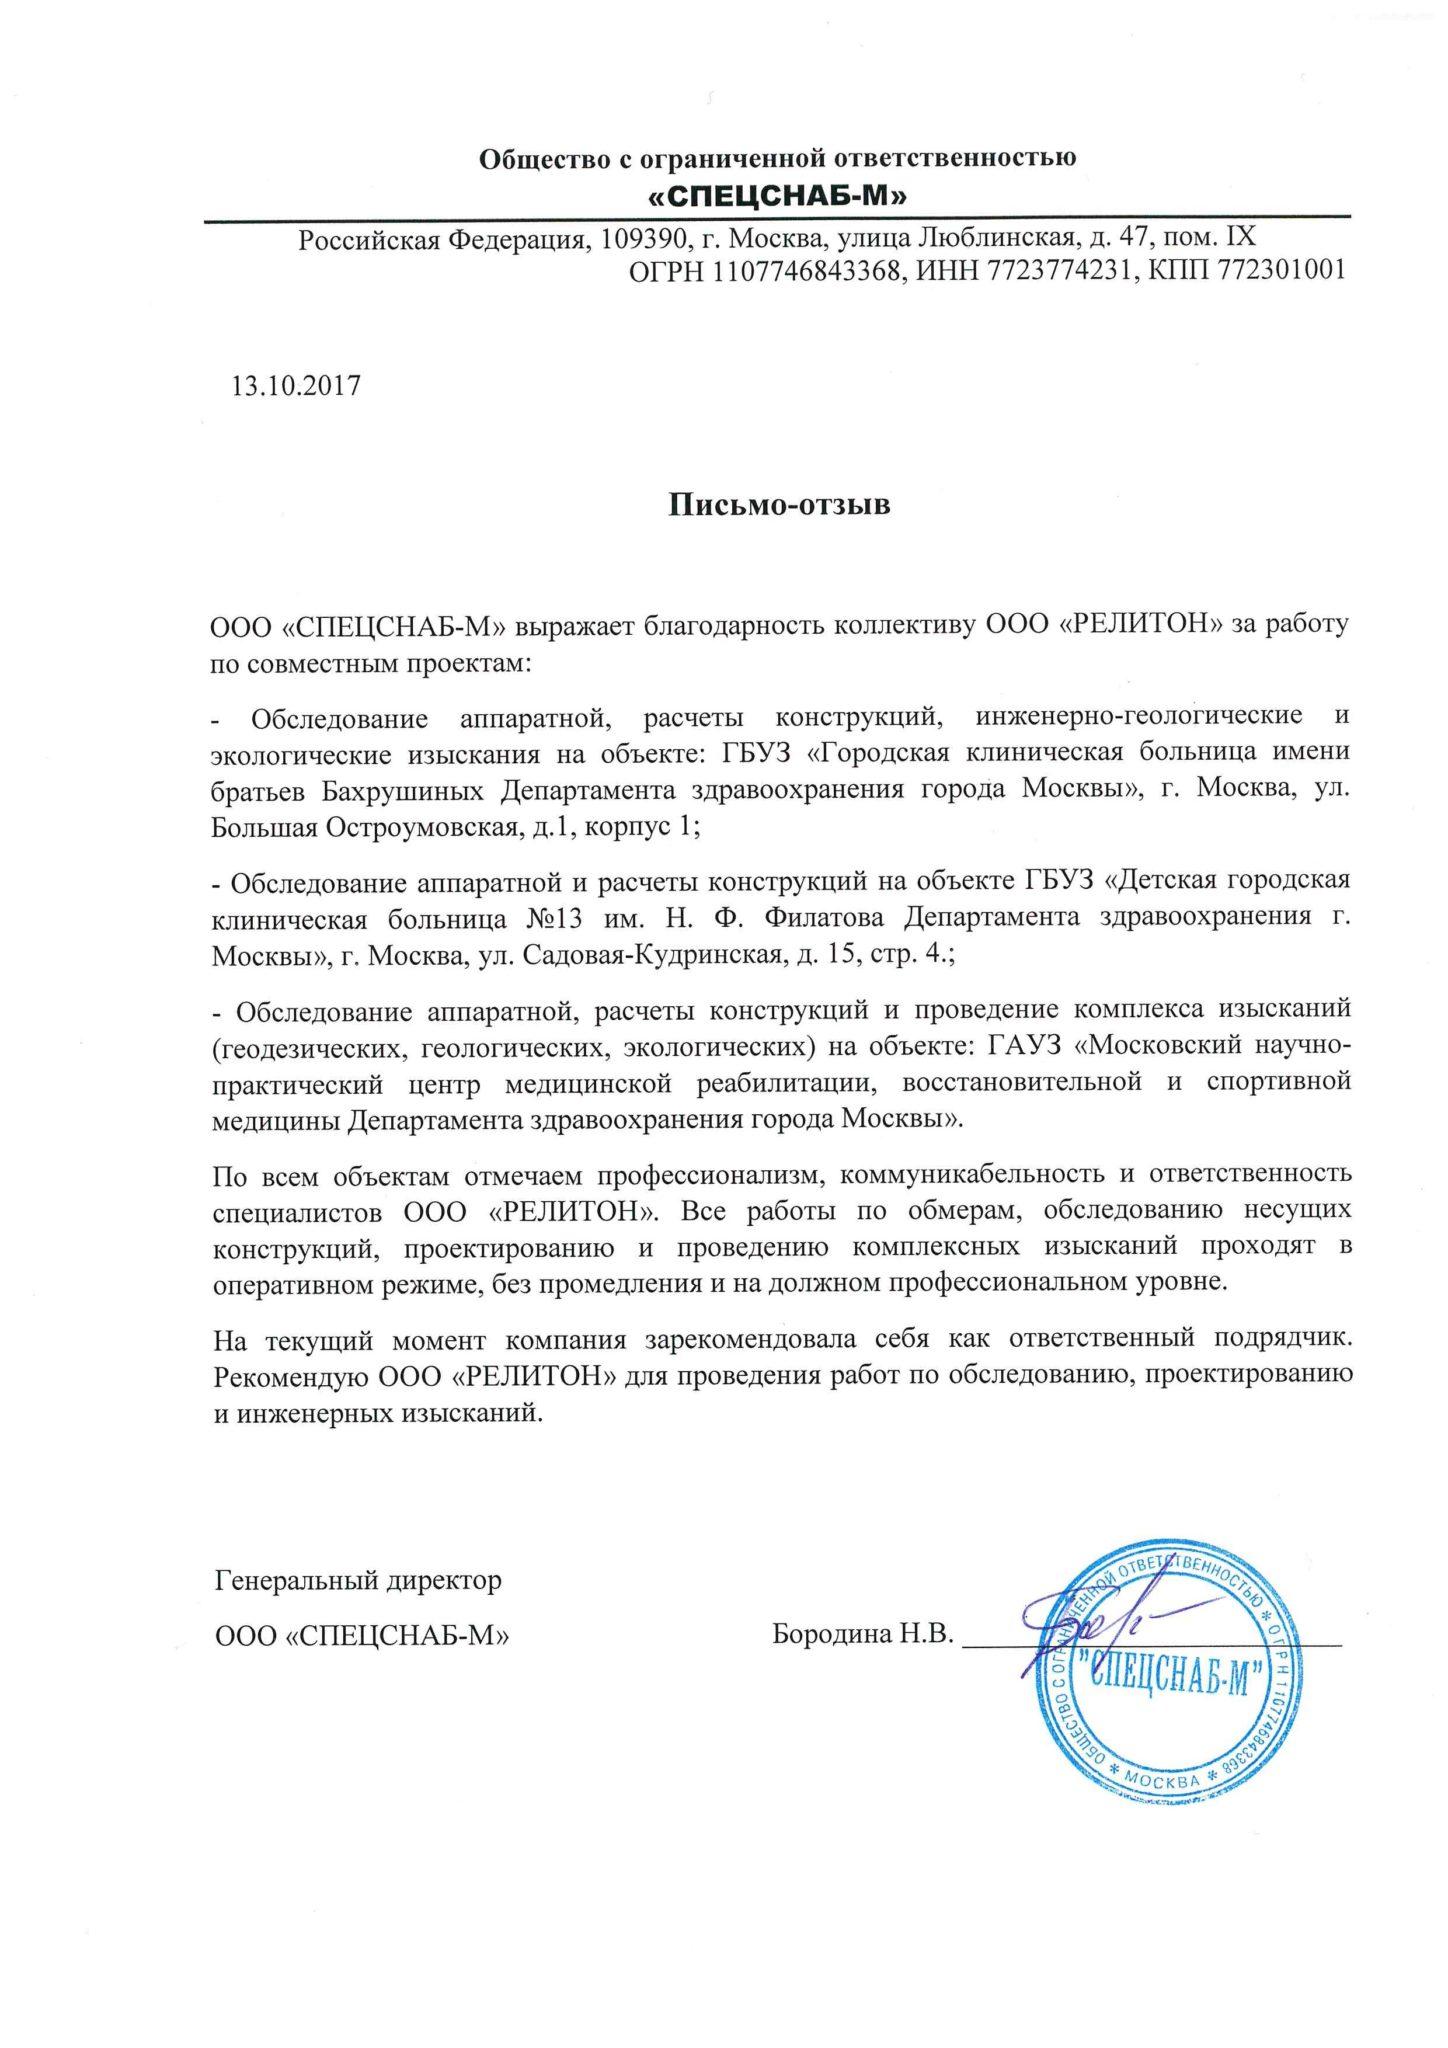 Отзыв о сотрудничестве с компанией RELITON от компании СПЕЦСНАБ-М